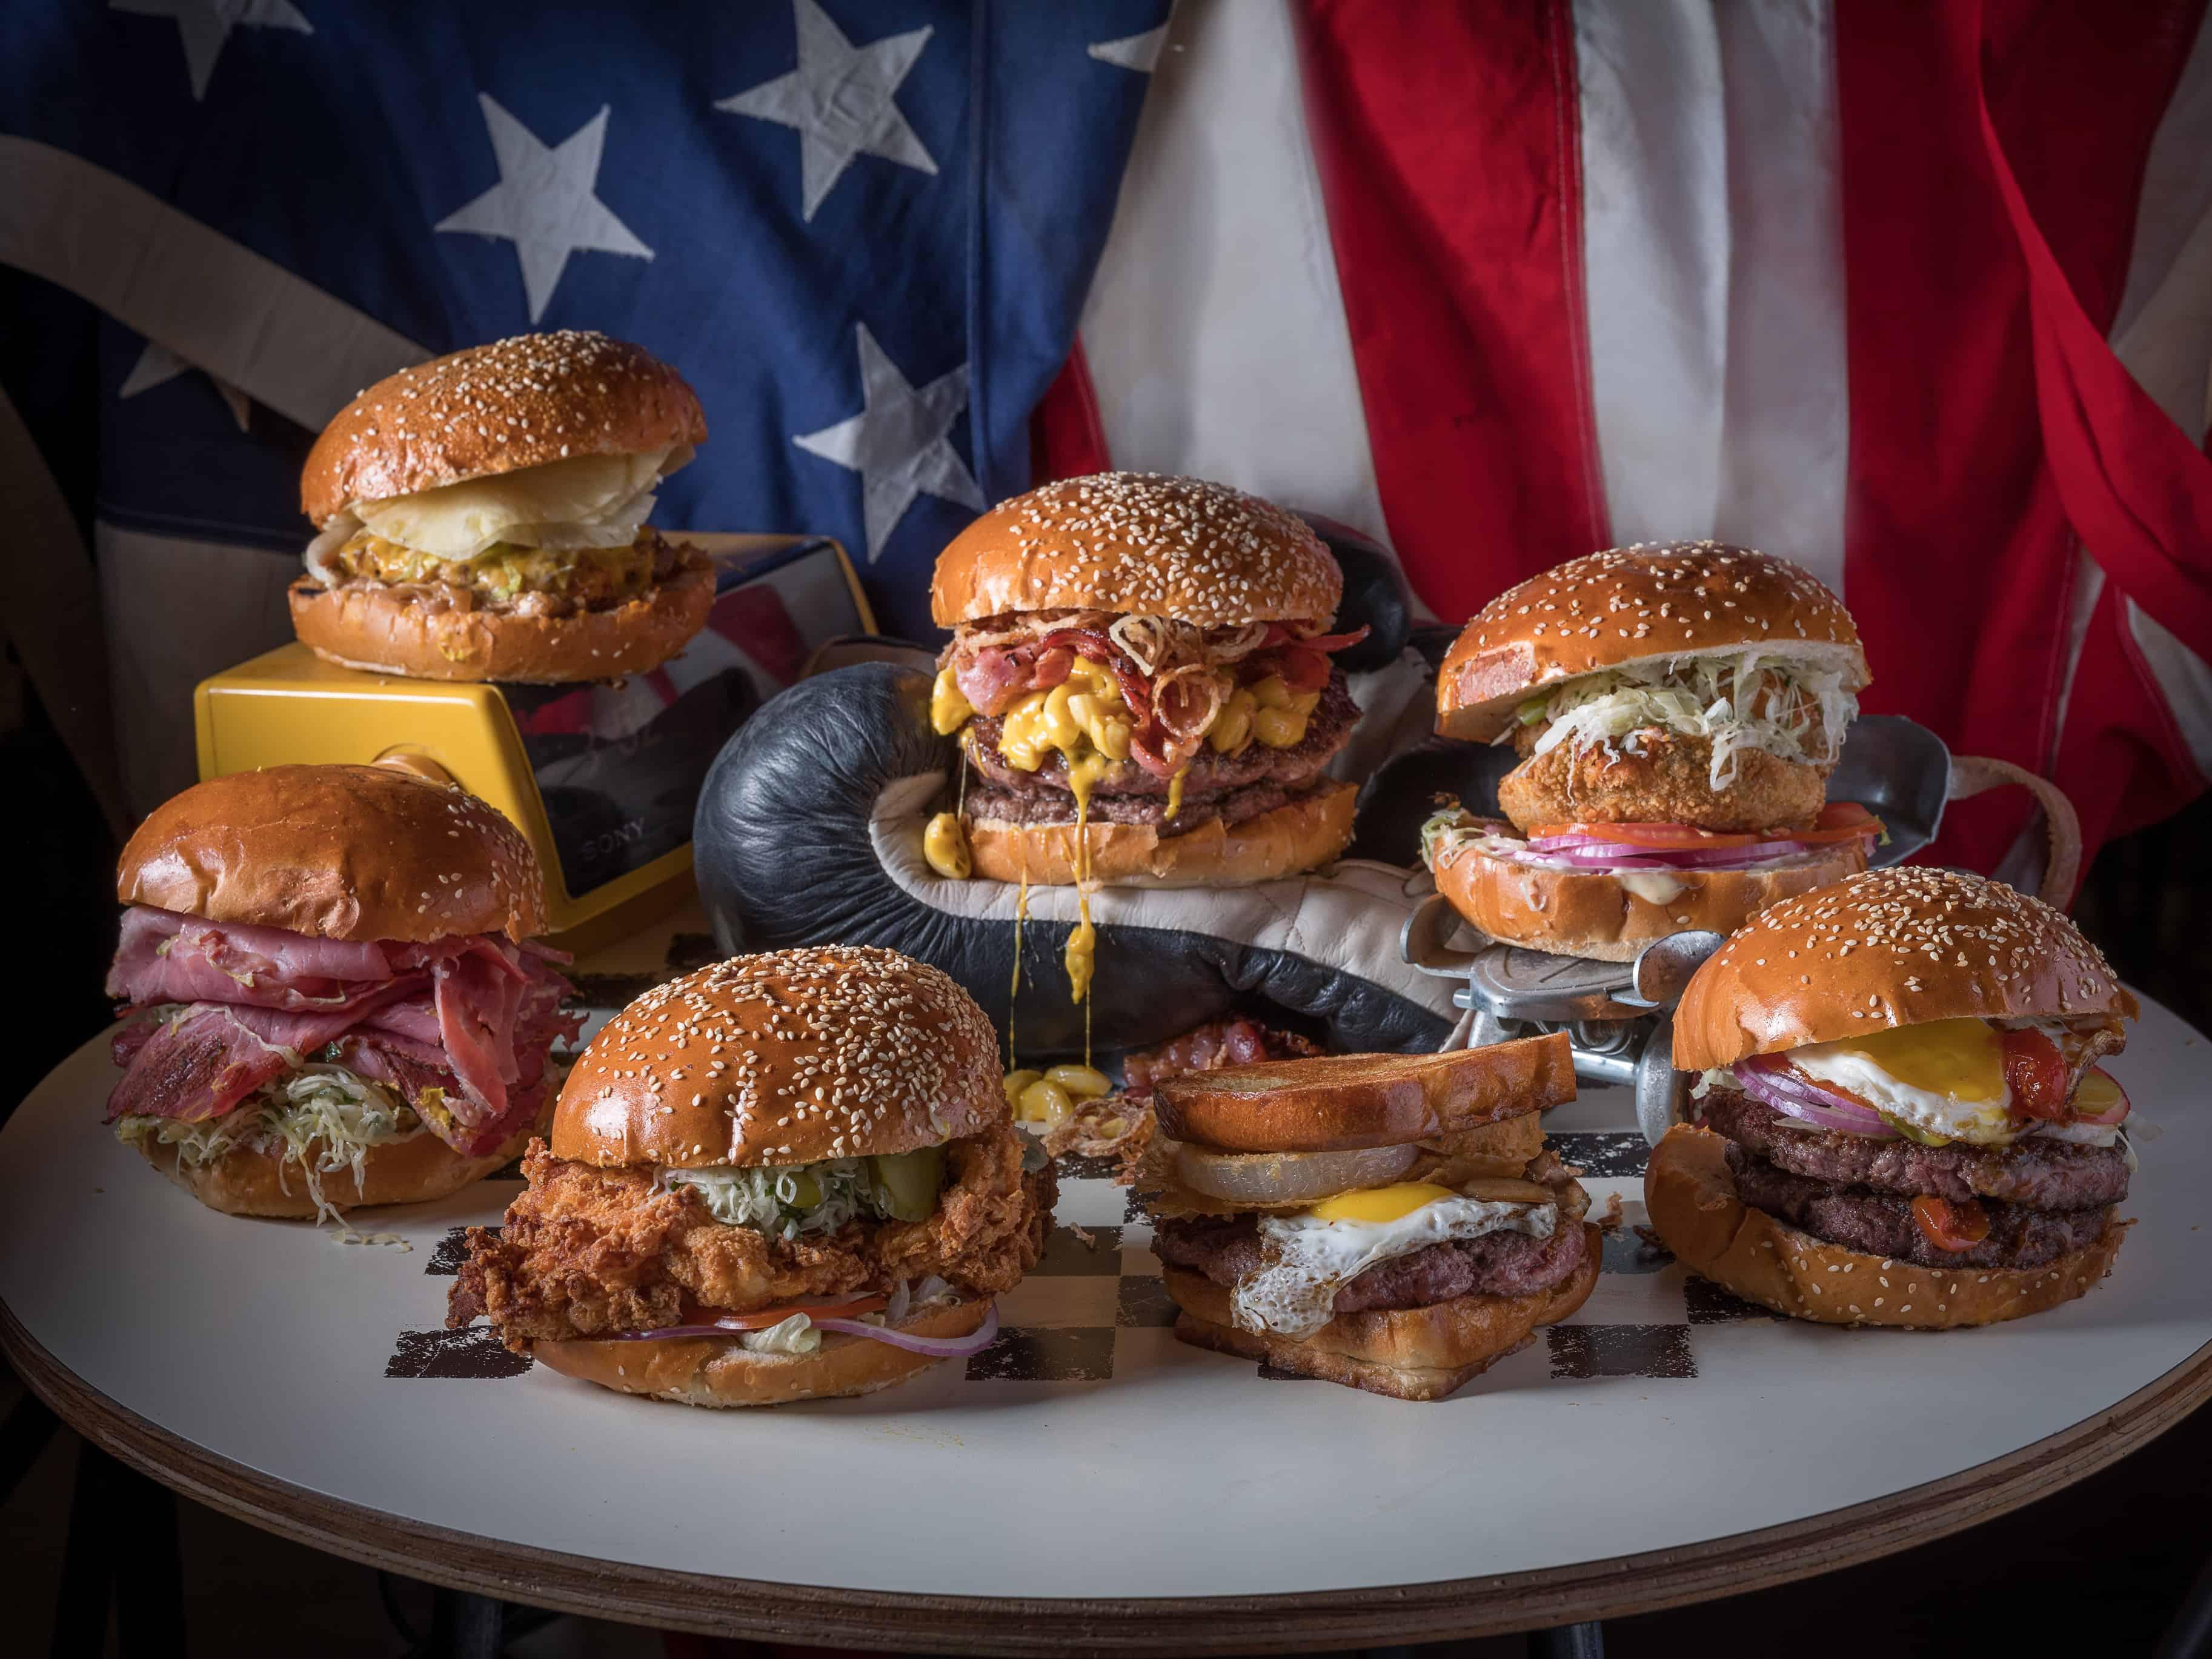 המבורגרים חדשים אמריקה צלם אנטולי מיכאלו